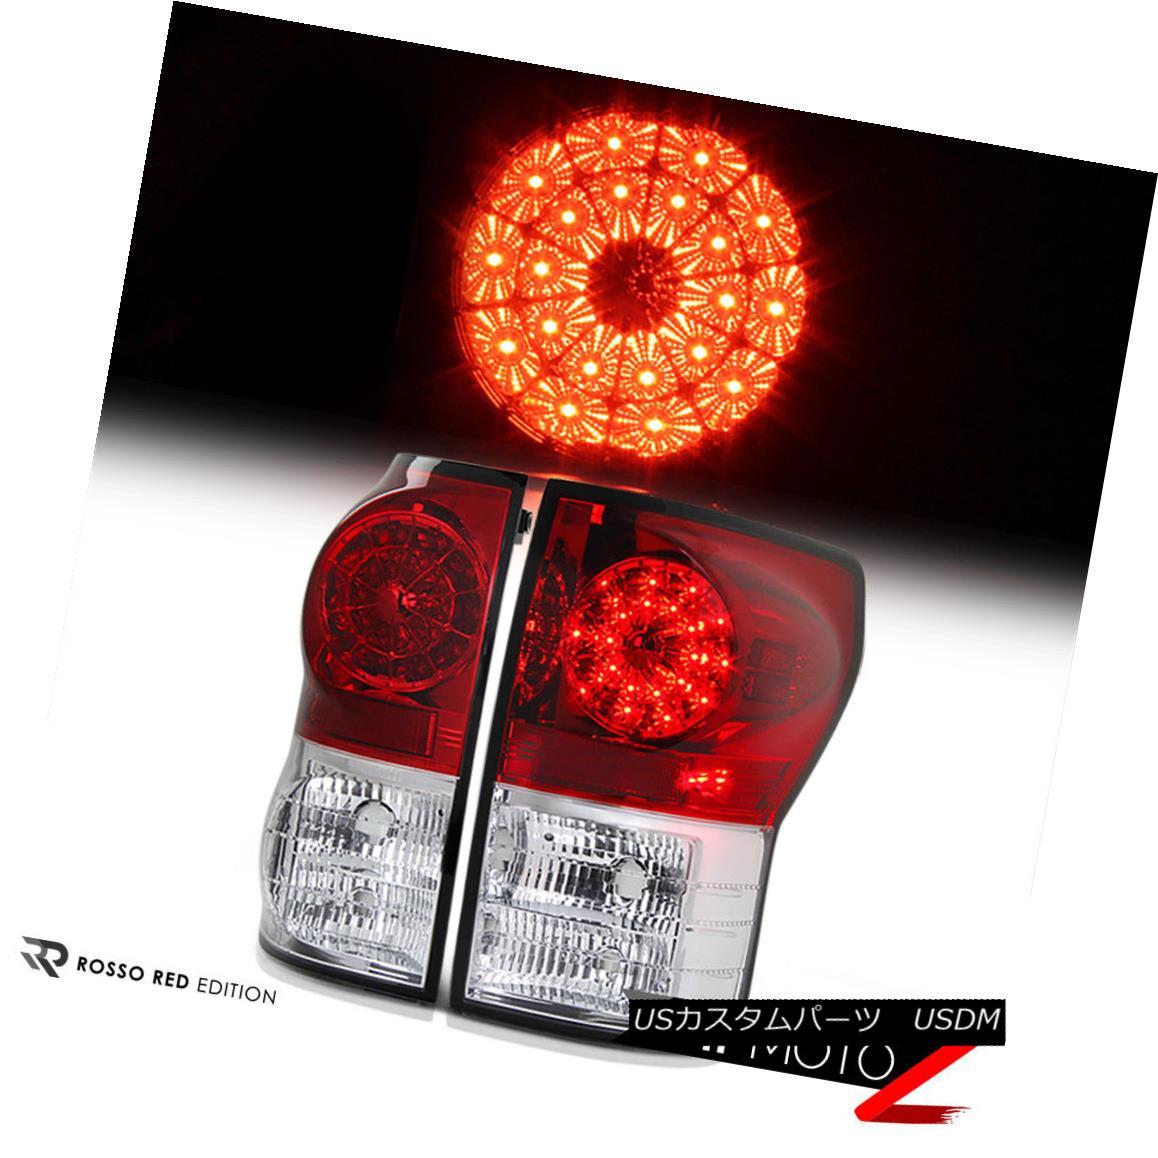 テールライト 2007-2013 Toyota Light Tundra Extended Standard 2WD Tundra 4WD LED Red Red Brake Tail Light Lamp 2007-2013トヨタトンドラ拡張標準2WD 4WD LEDレッドブレーキテールライトランプ, セレクトショップMOMO:500d783d --- officewill.xsrv.jp